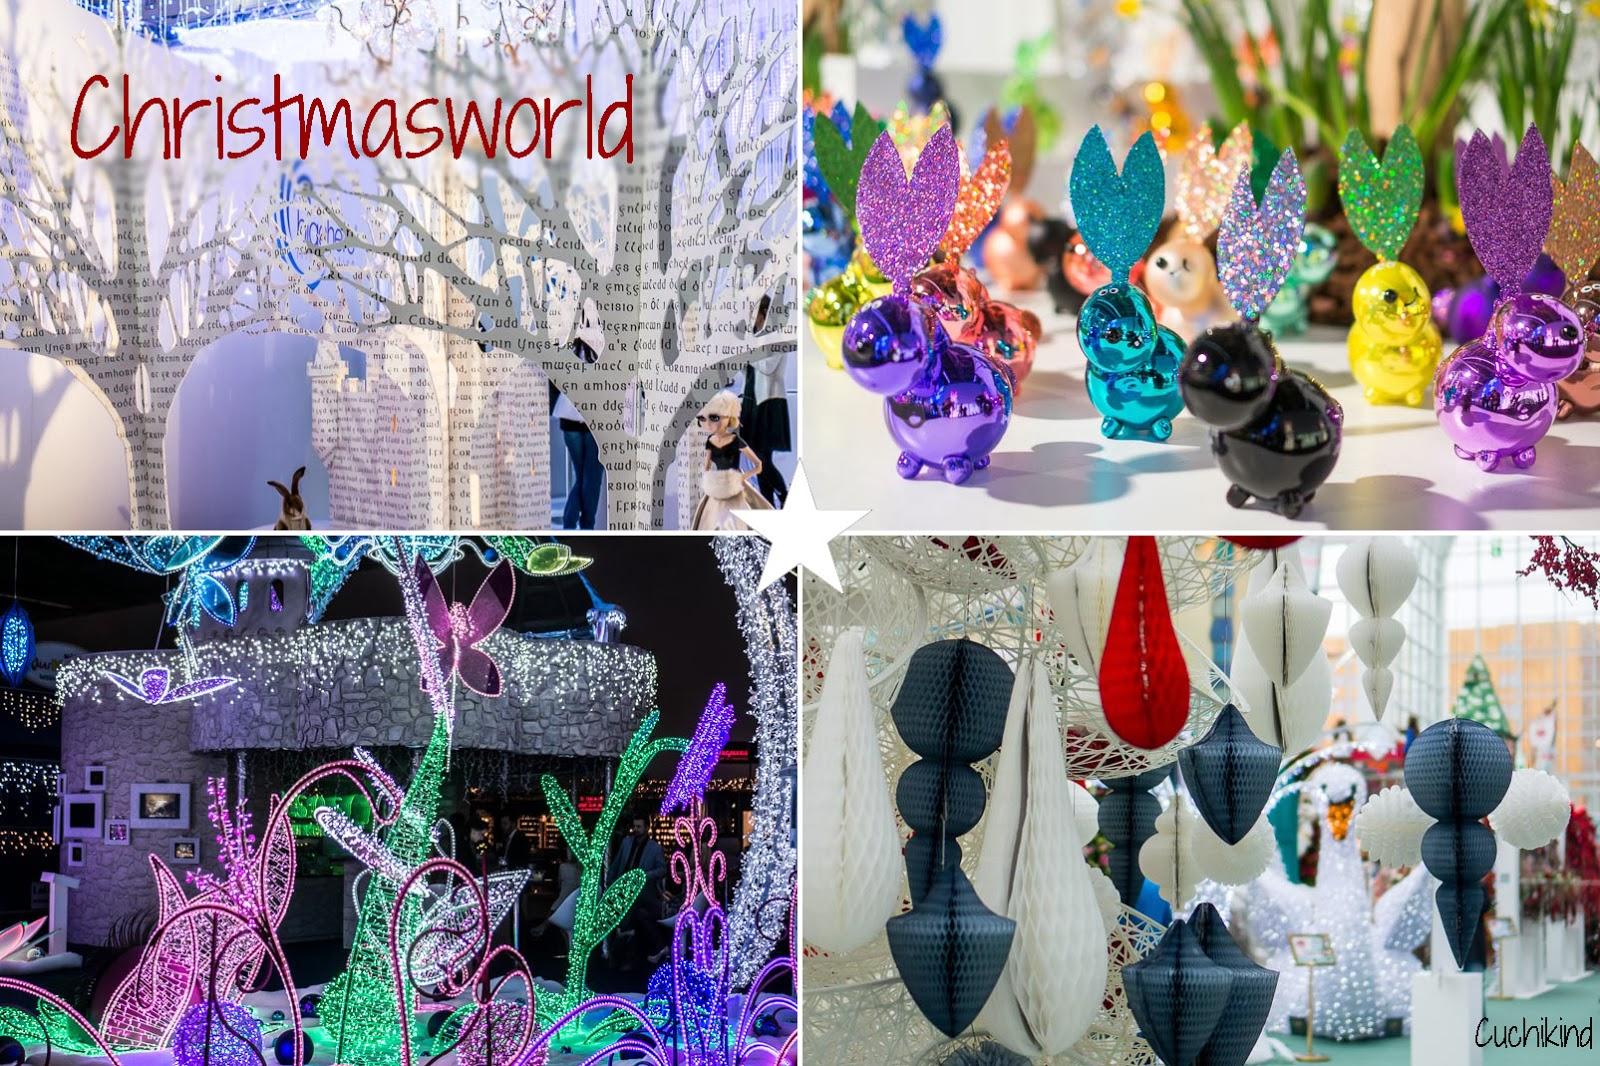 Christmasworld 2014